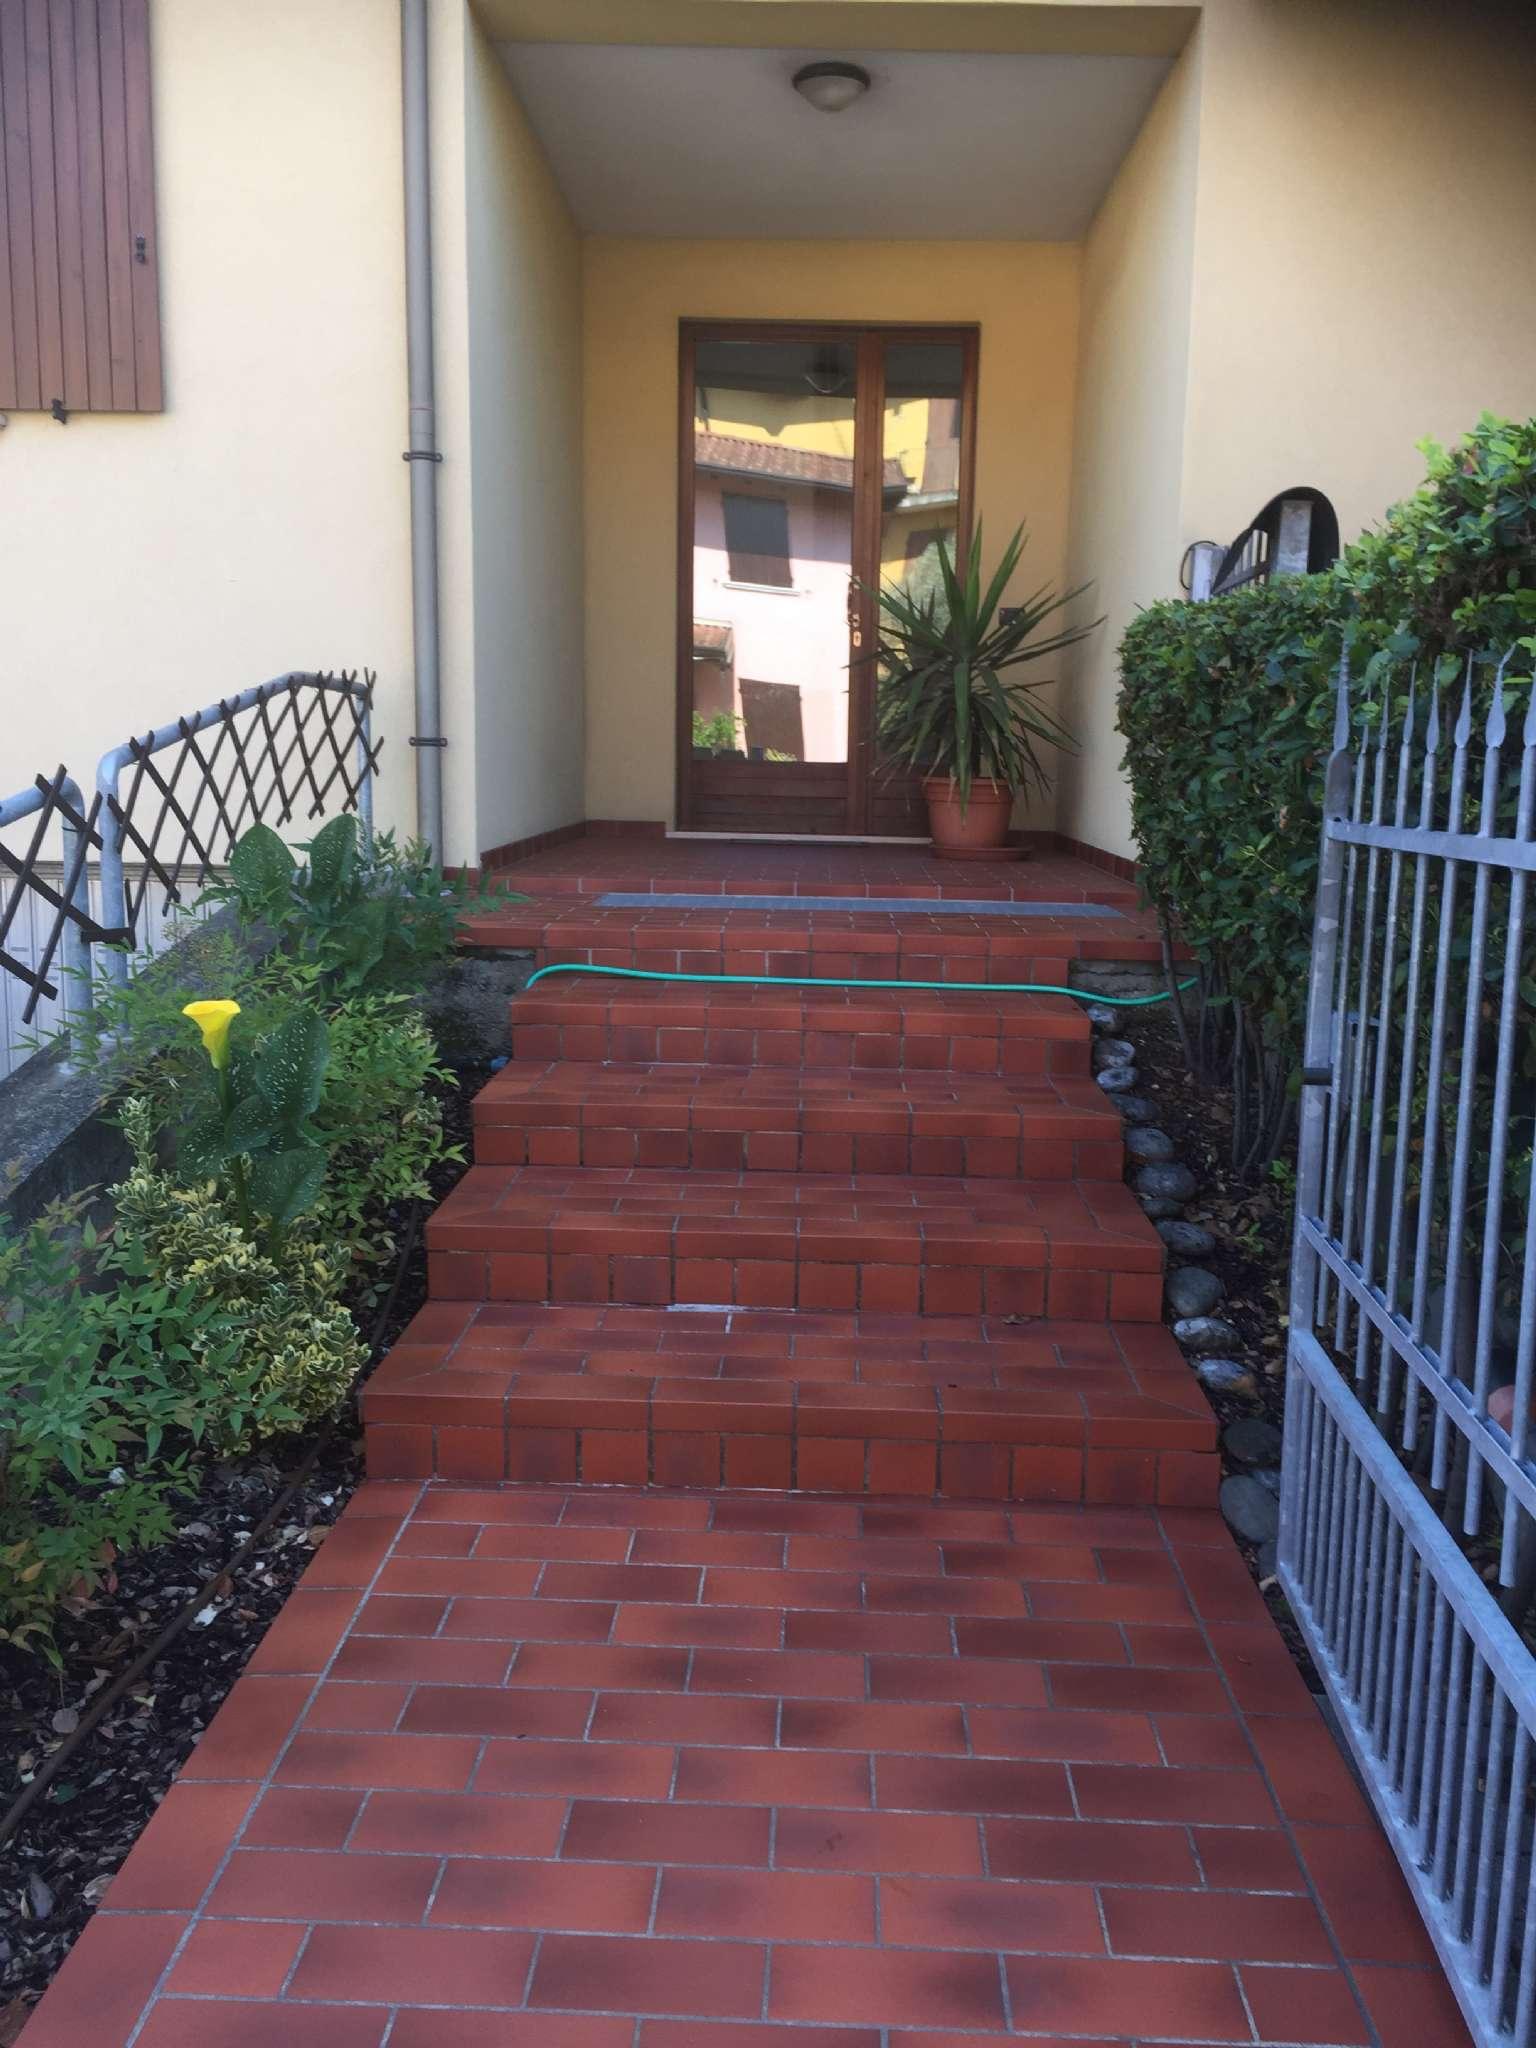 Vendita case e appartamenti a montichiari for Case in vendita montichiari